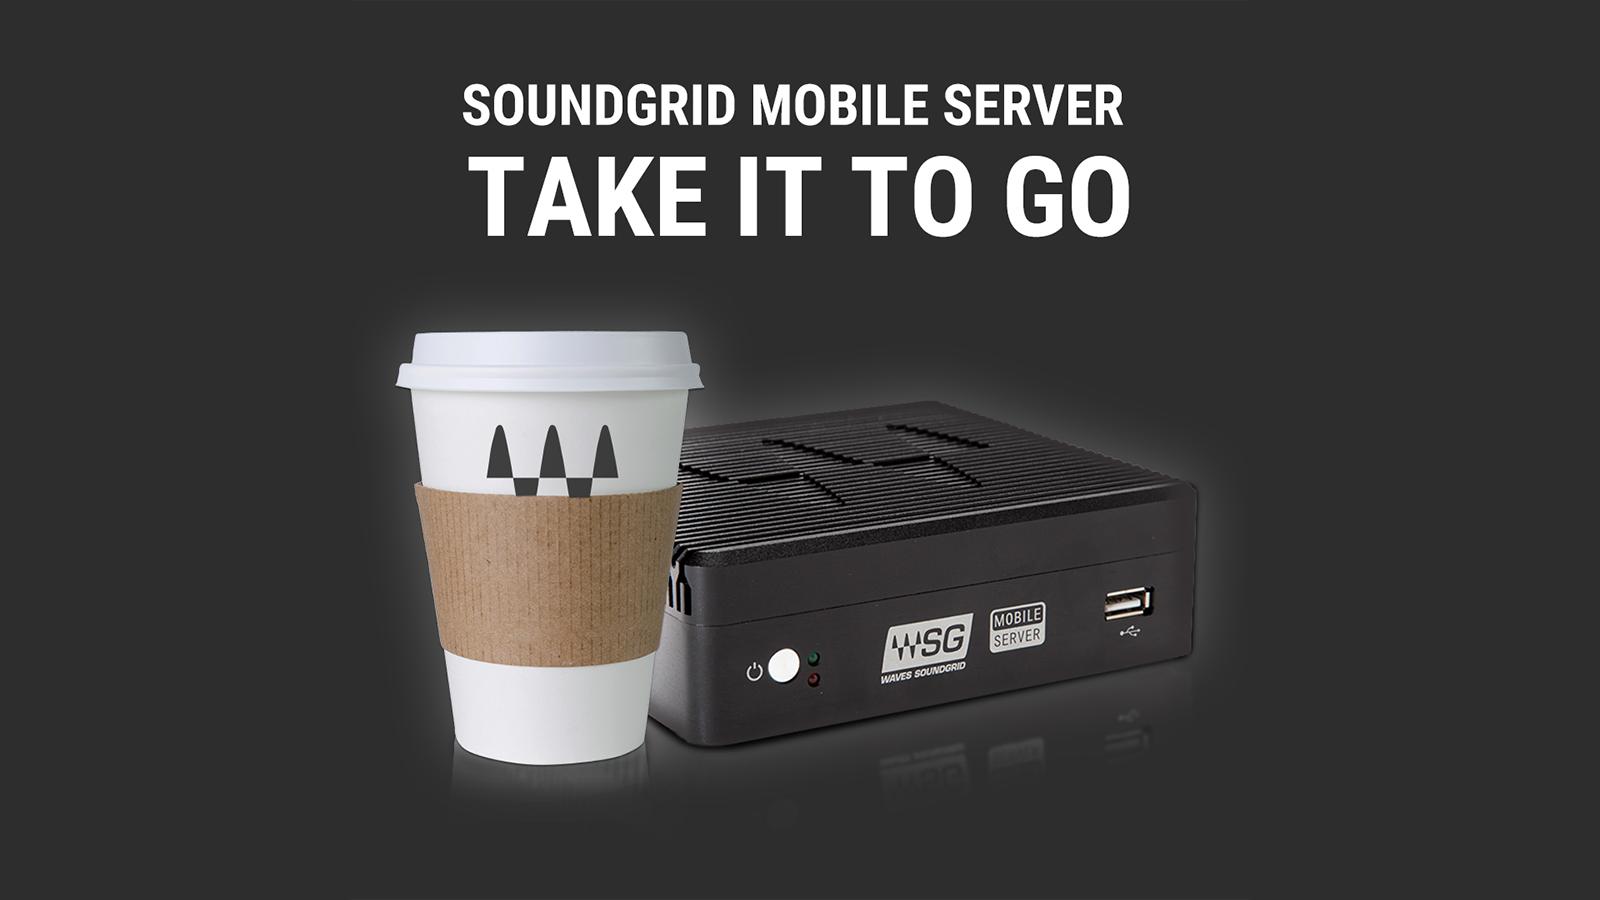 超コンパクトなSoundGrid Mobile ServerとWavesホスト専用PC Axis One、2019年3月発売決定。